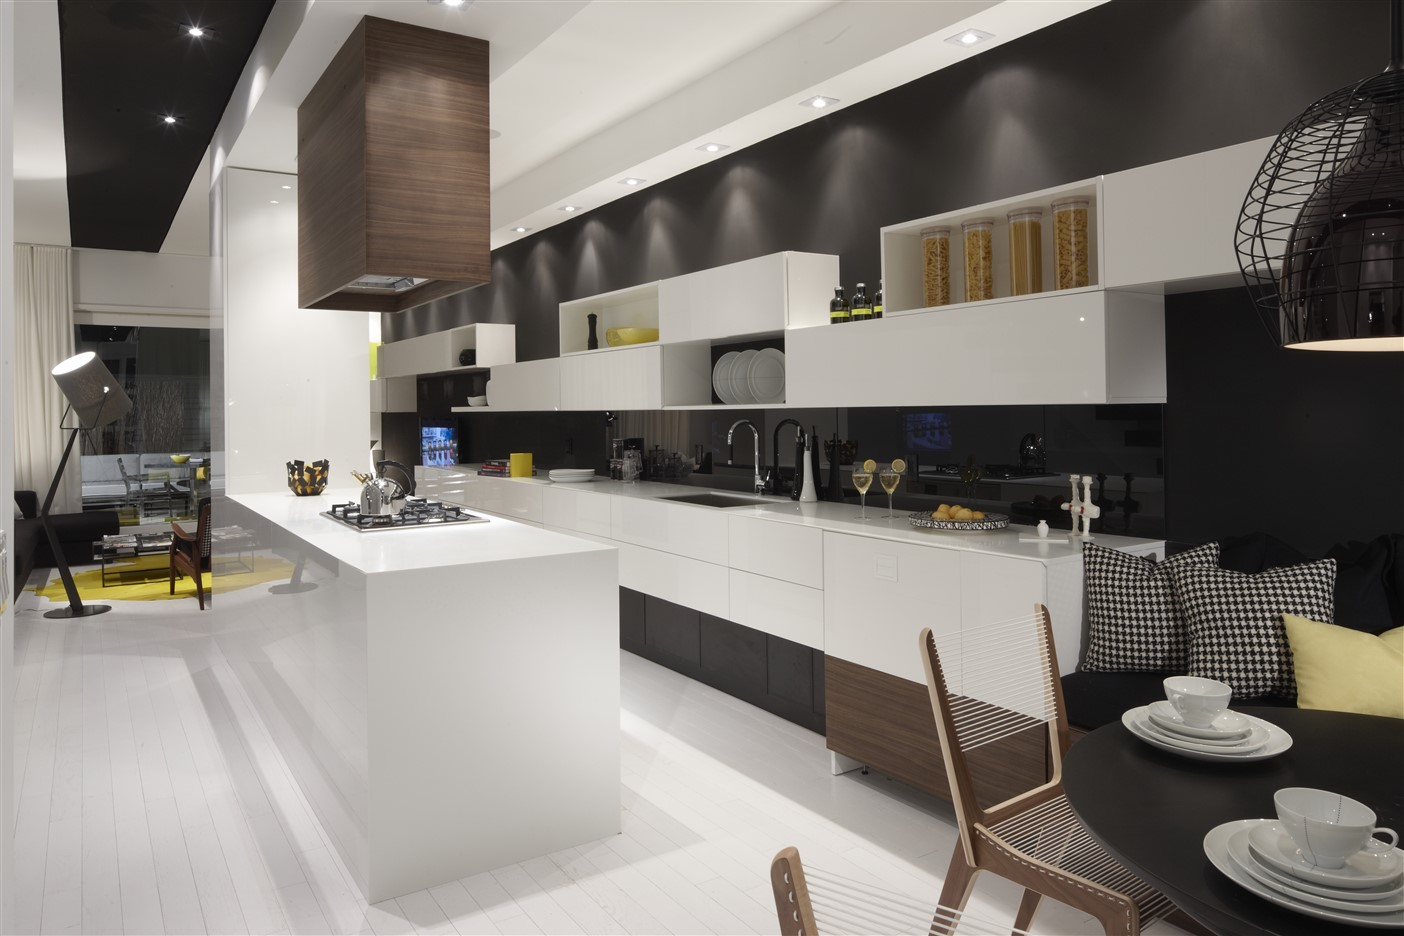 Shram homes portfolio - Modern infill house cecconi simone ...